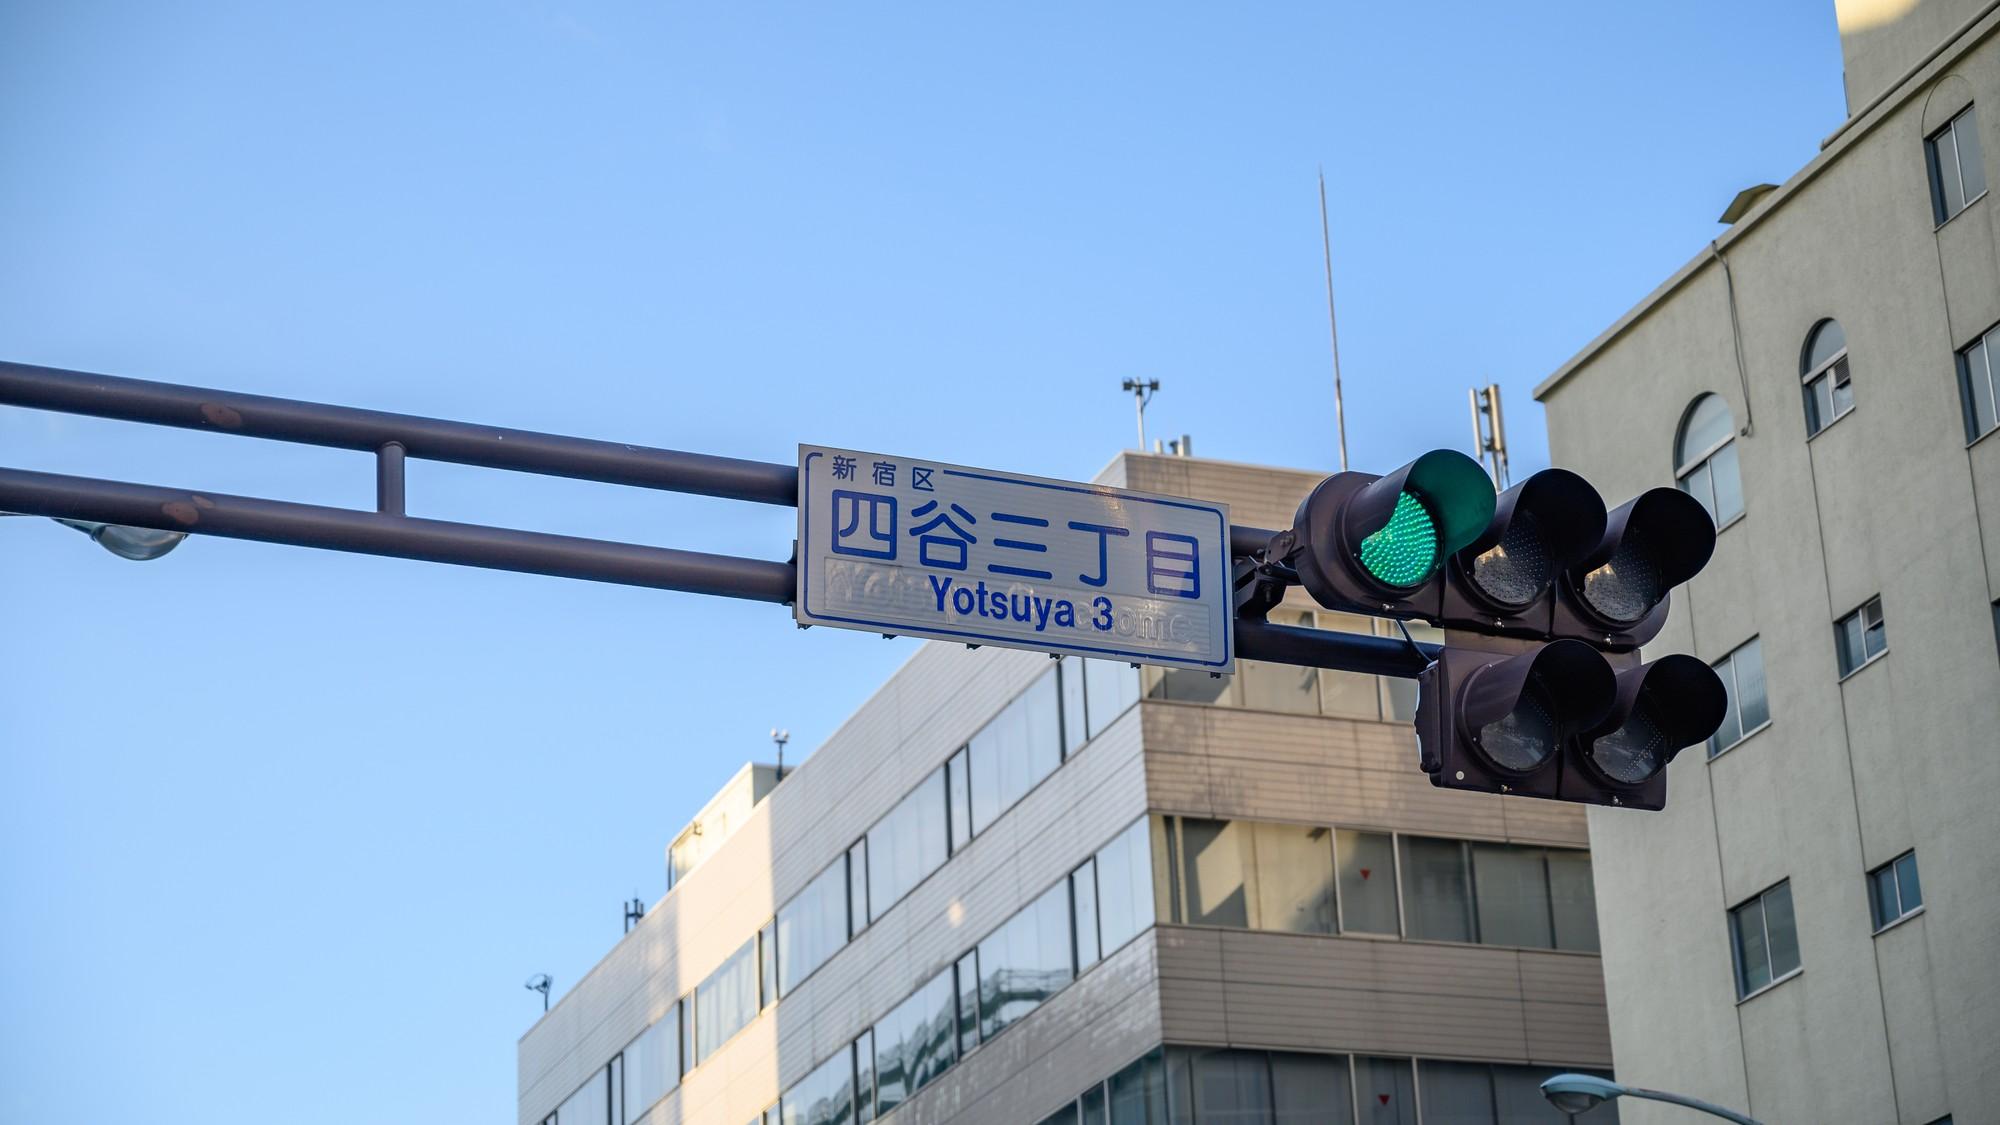 『君の名は。』のラストを飾る「四谷三丁目」不動産投資の実態